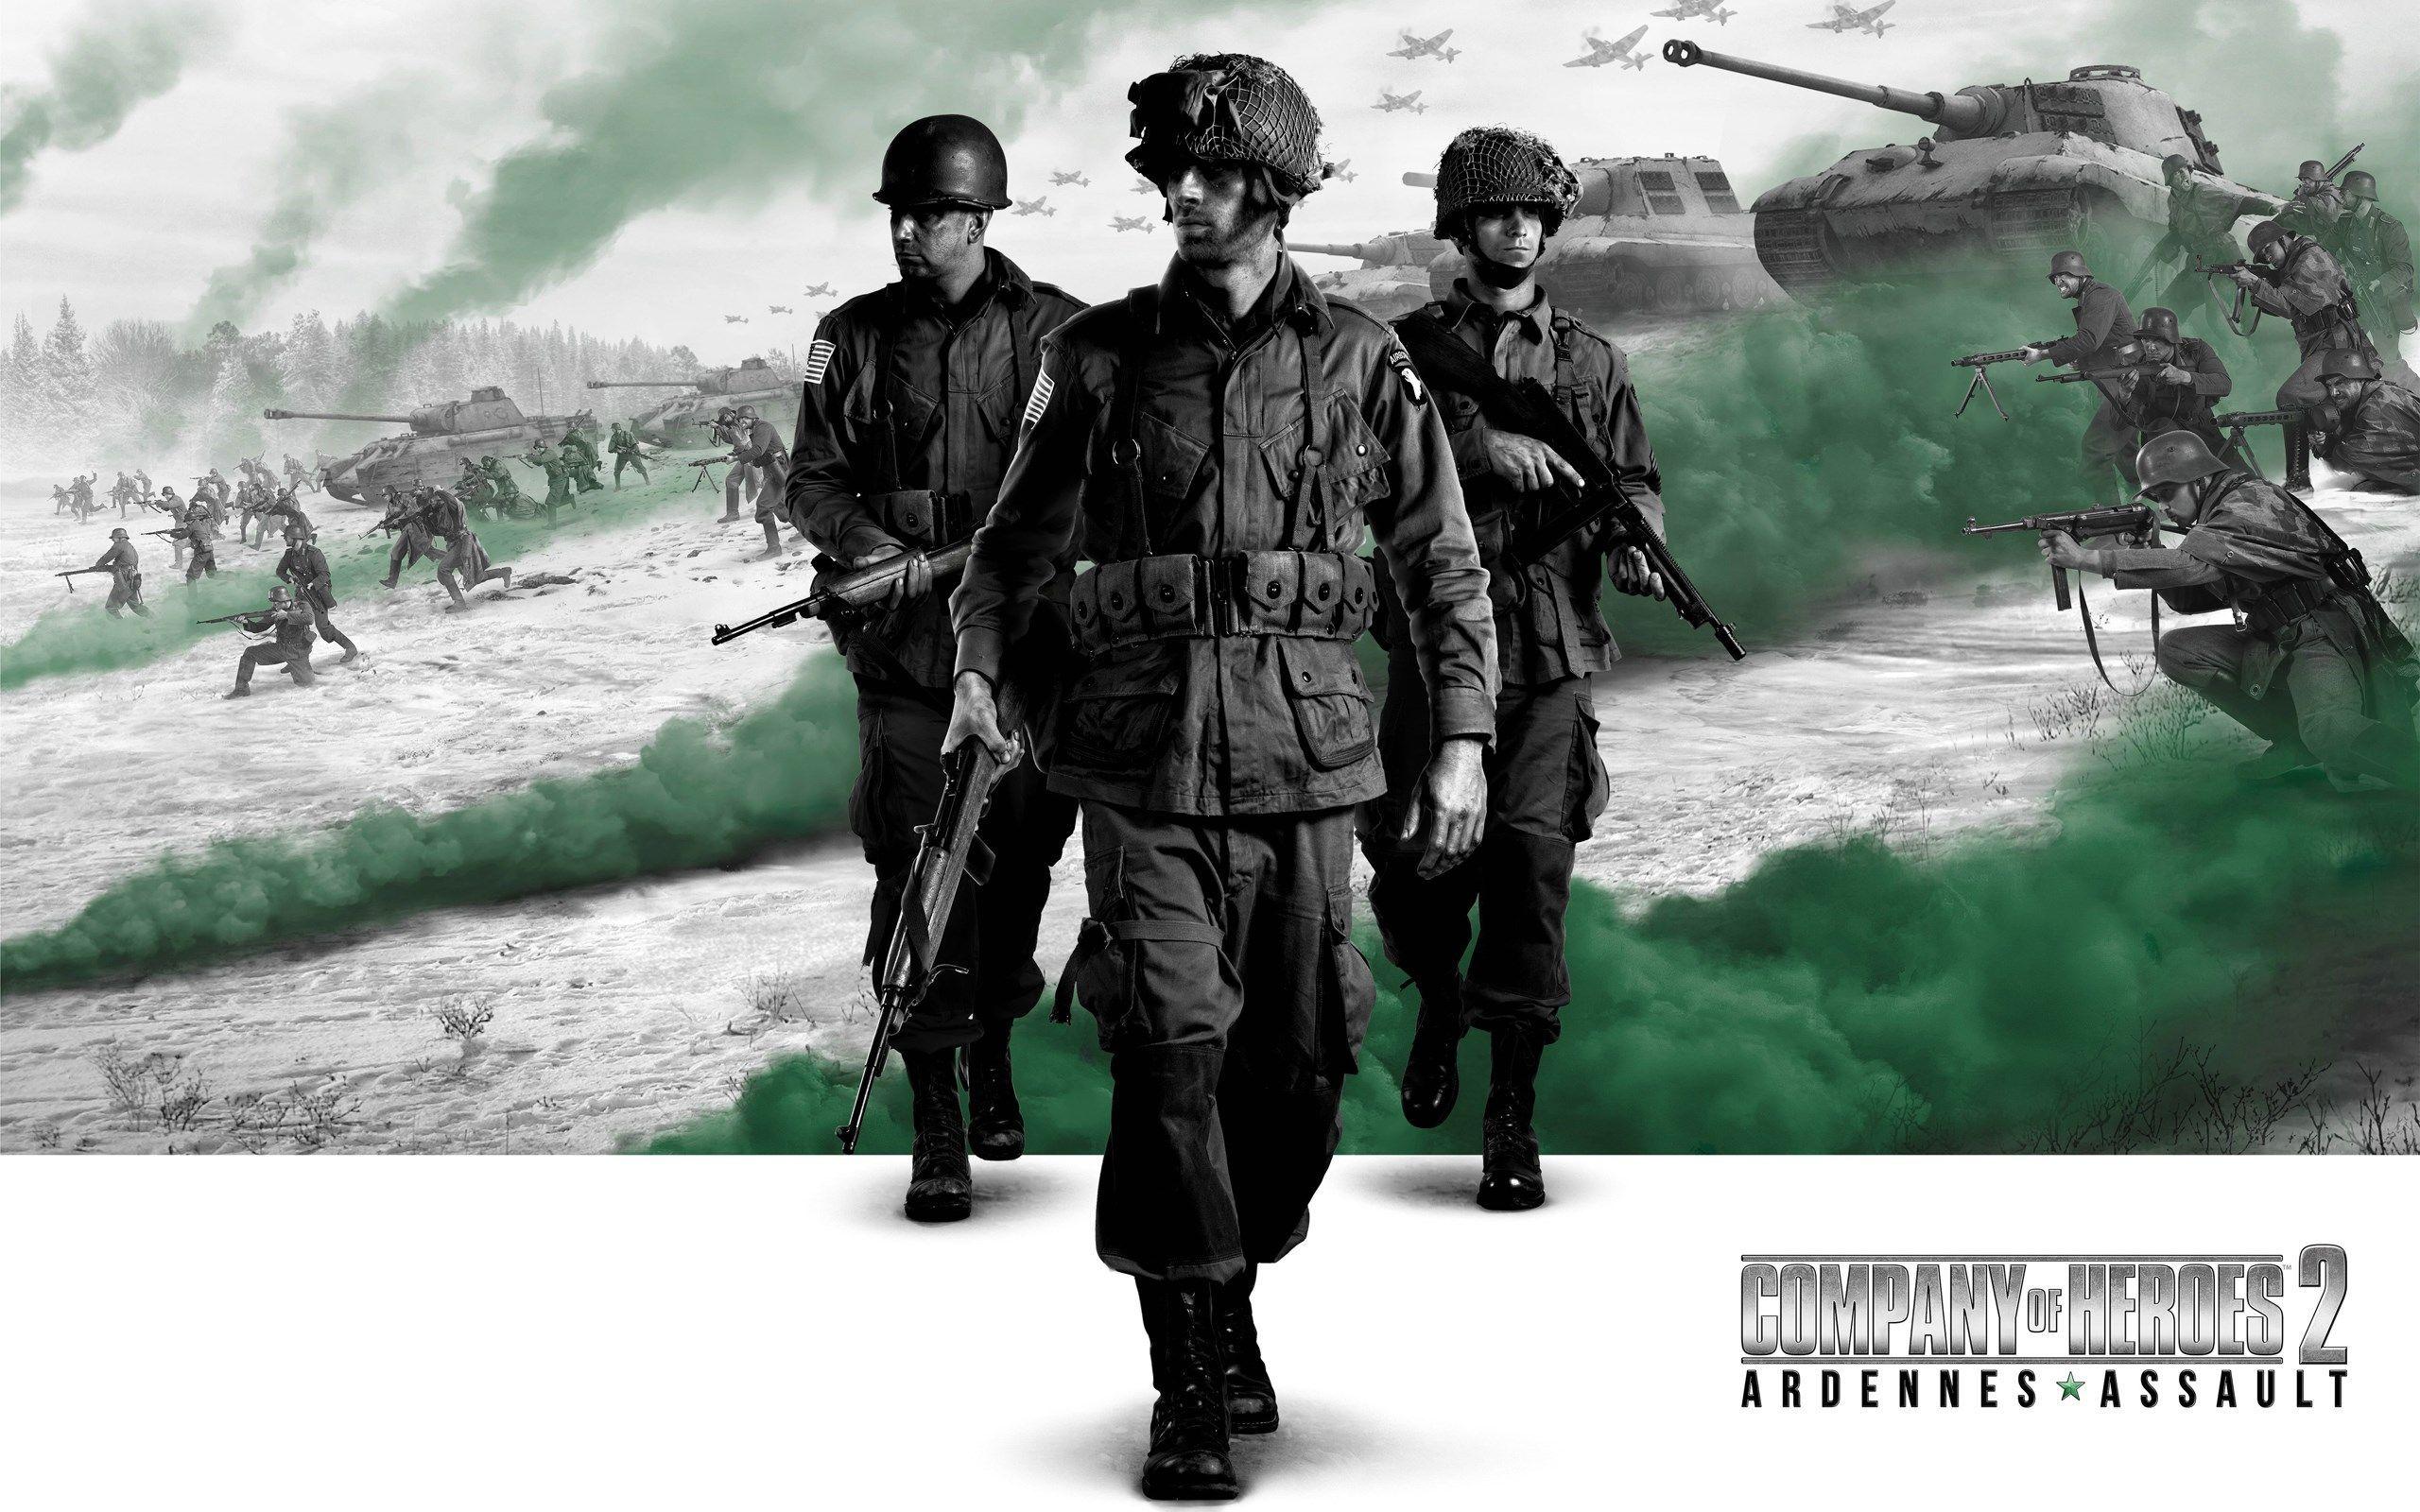 اکانت اریجینال استیم بازی Company Of Heroes 2 + Ardennes Assault | با ایمیل اکانت